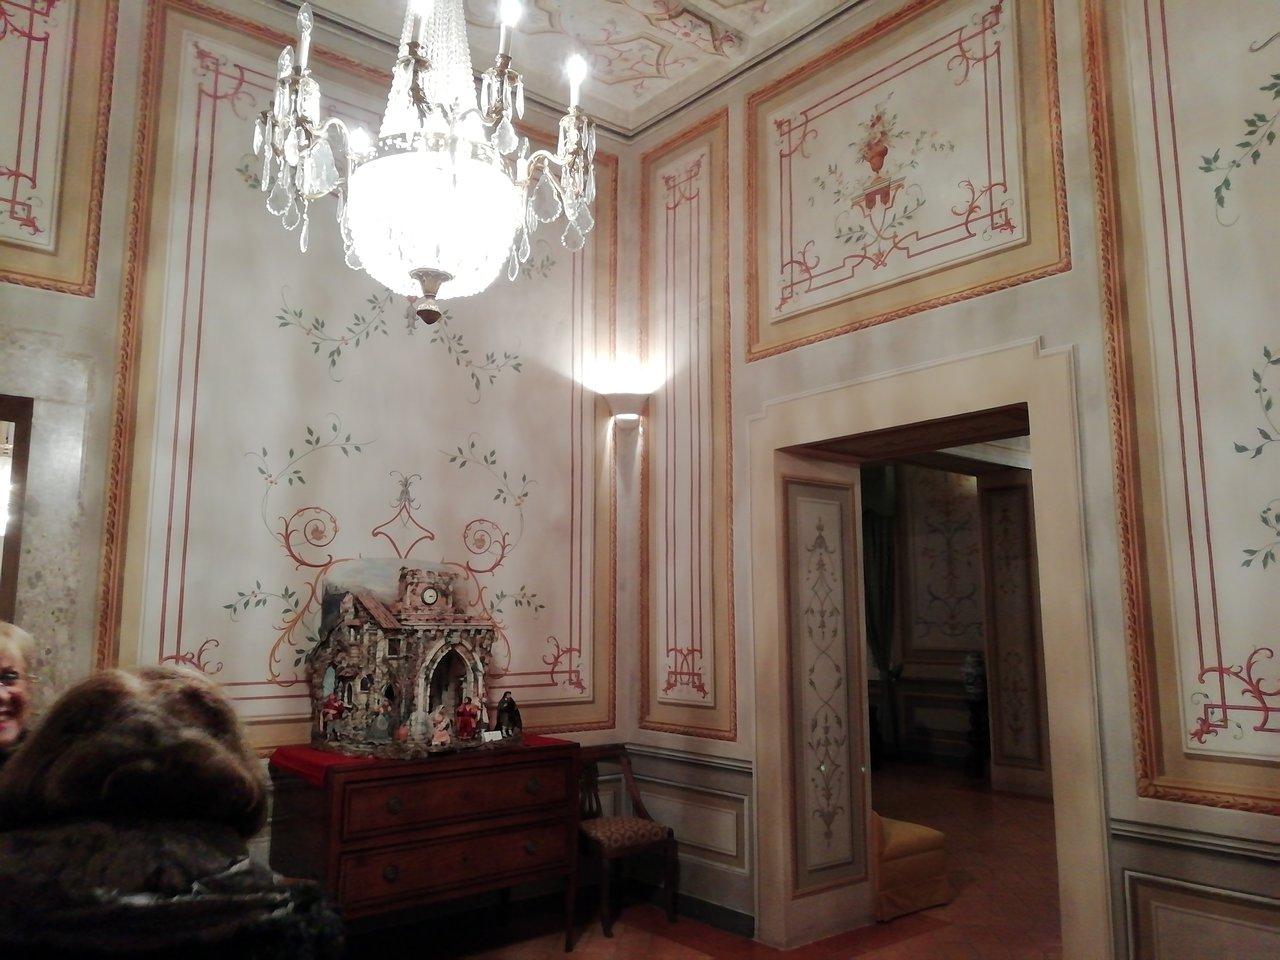 Negozi Lampadari Caserta E Provincia palazzo paternò (caserta): aggiornato 2020 - tutto quello